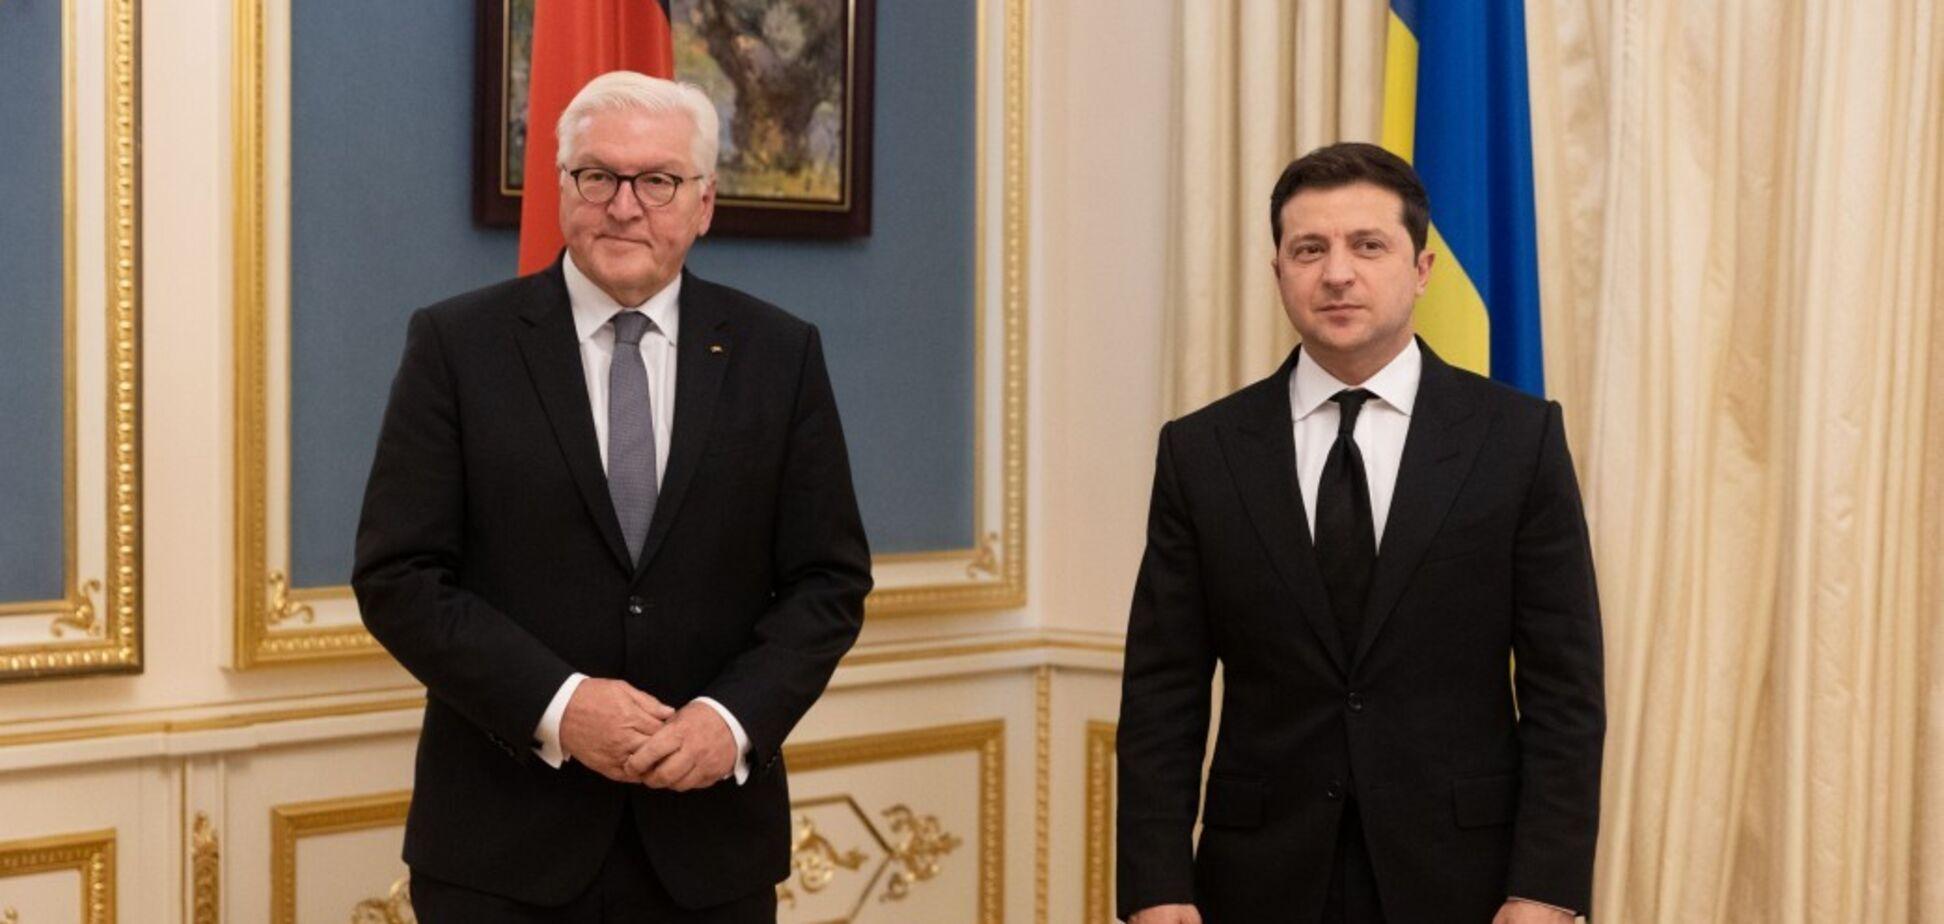 Війна на Донбасі, вибори і 'Північний потік-2': головне із зустрічі Зеленського і Штайнмаєра